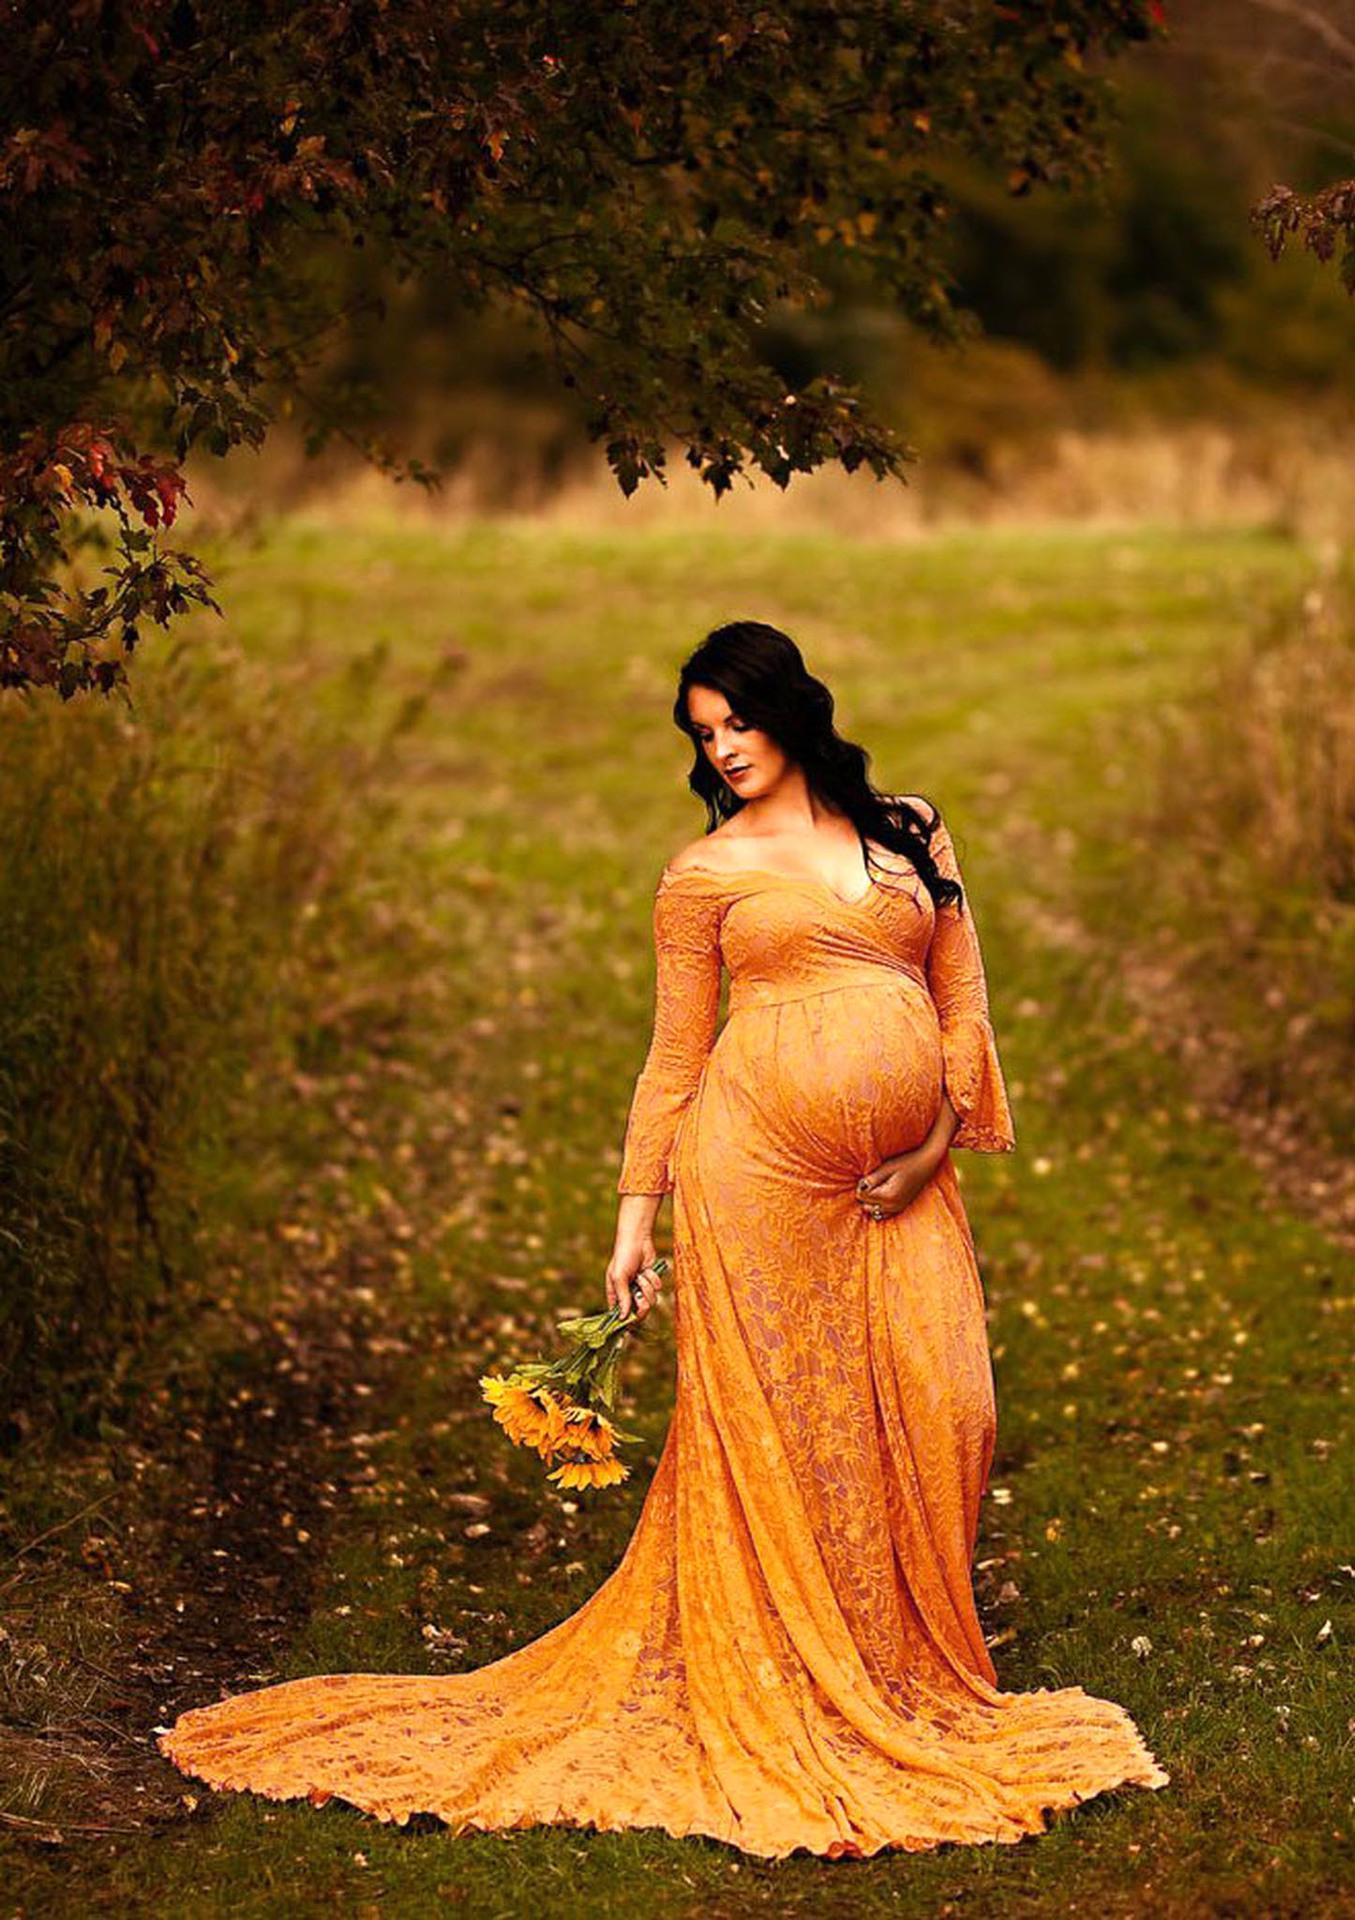 Kadın V Yaka Trompet Uzun Dantel Süper Uzun Kuyruklu Hamile kadın Yüzer Tulum Uzun Etek Fotoğraf Elbise 1120